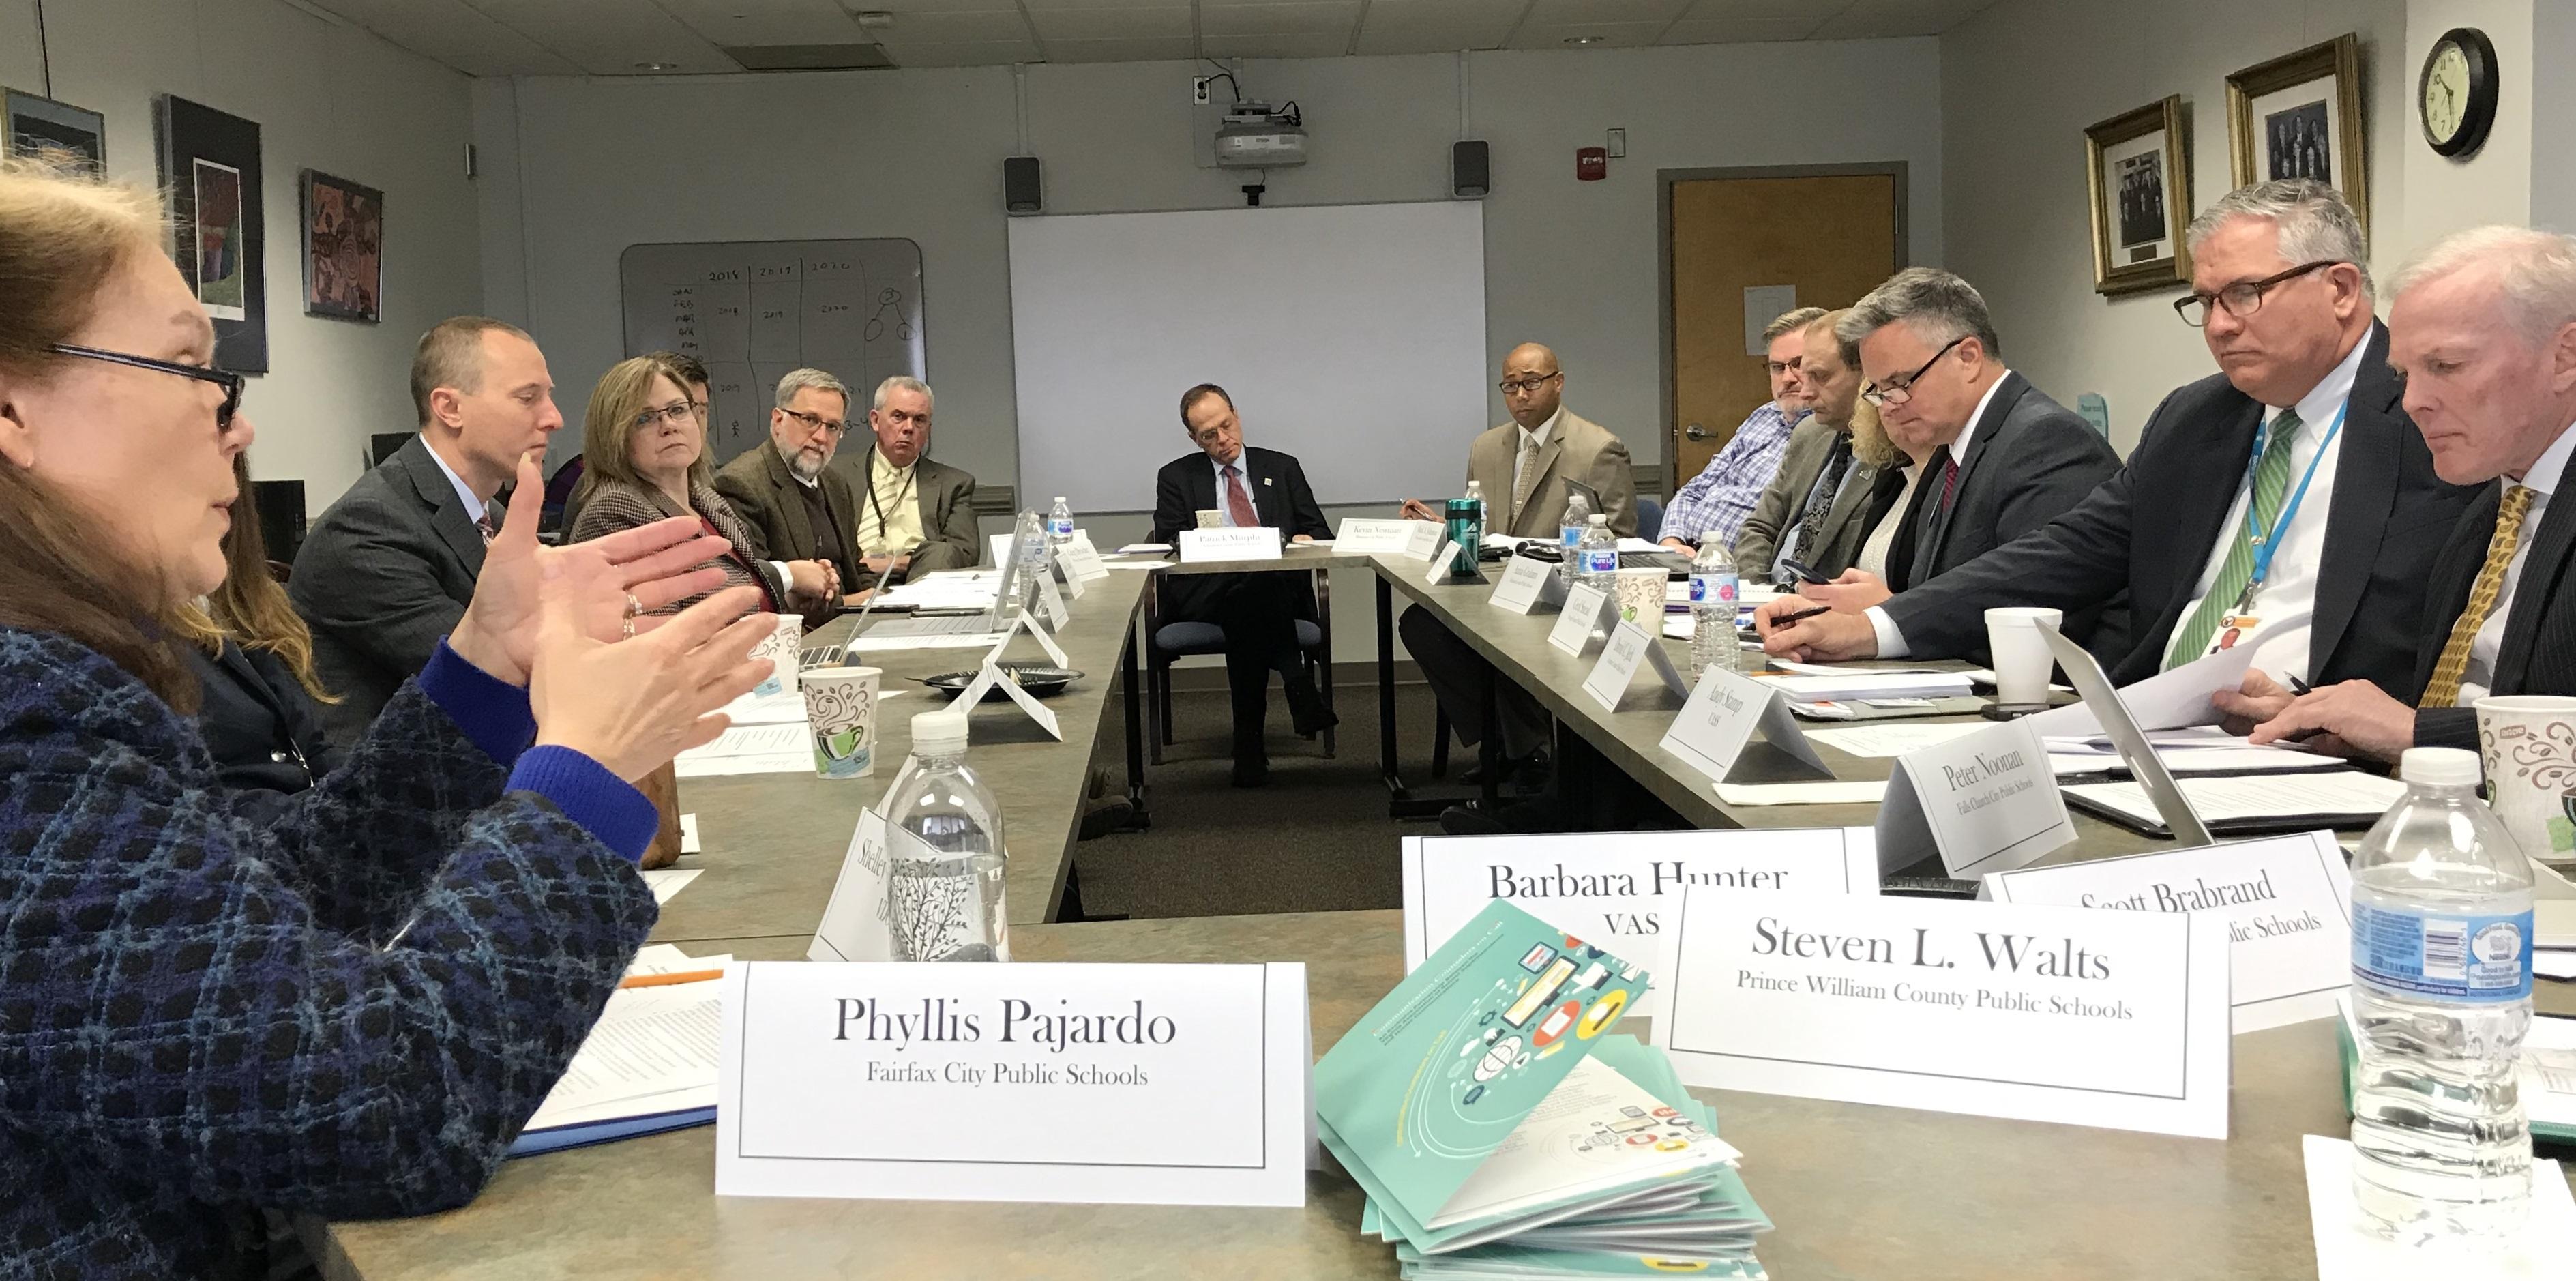 Region IV Superintendents Focus on Legislative Issues During January Meeting